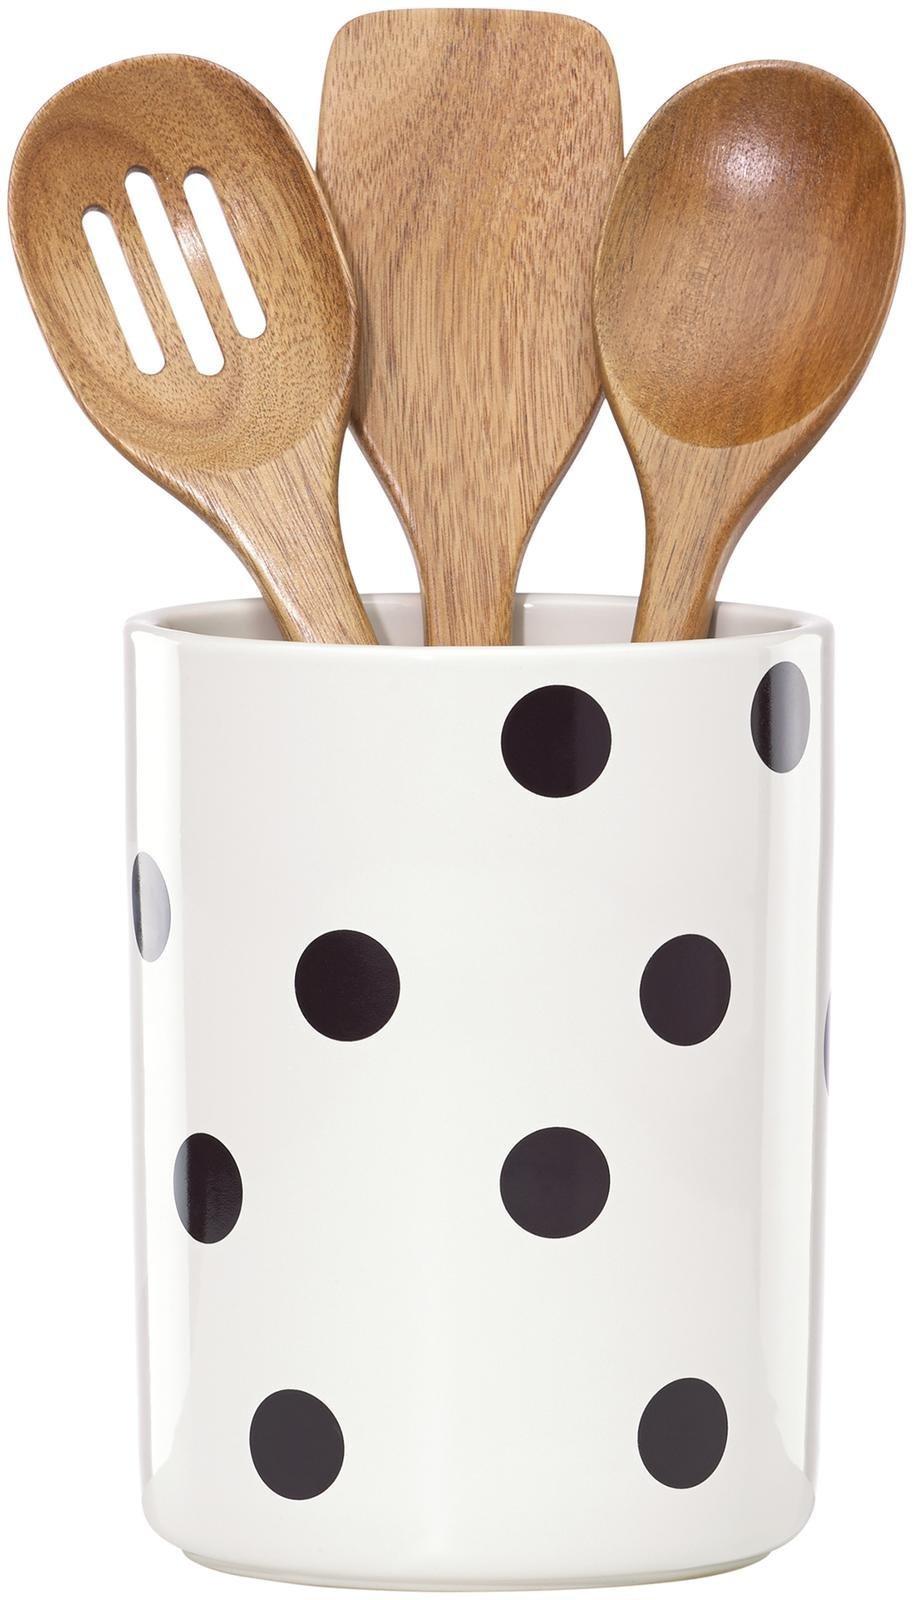 Kate Spade New York 856734 Scatter Dot utensil crock by Kate Spade New York